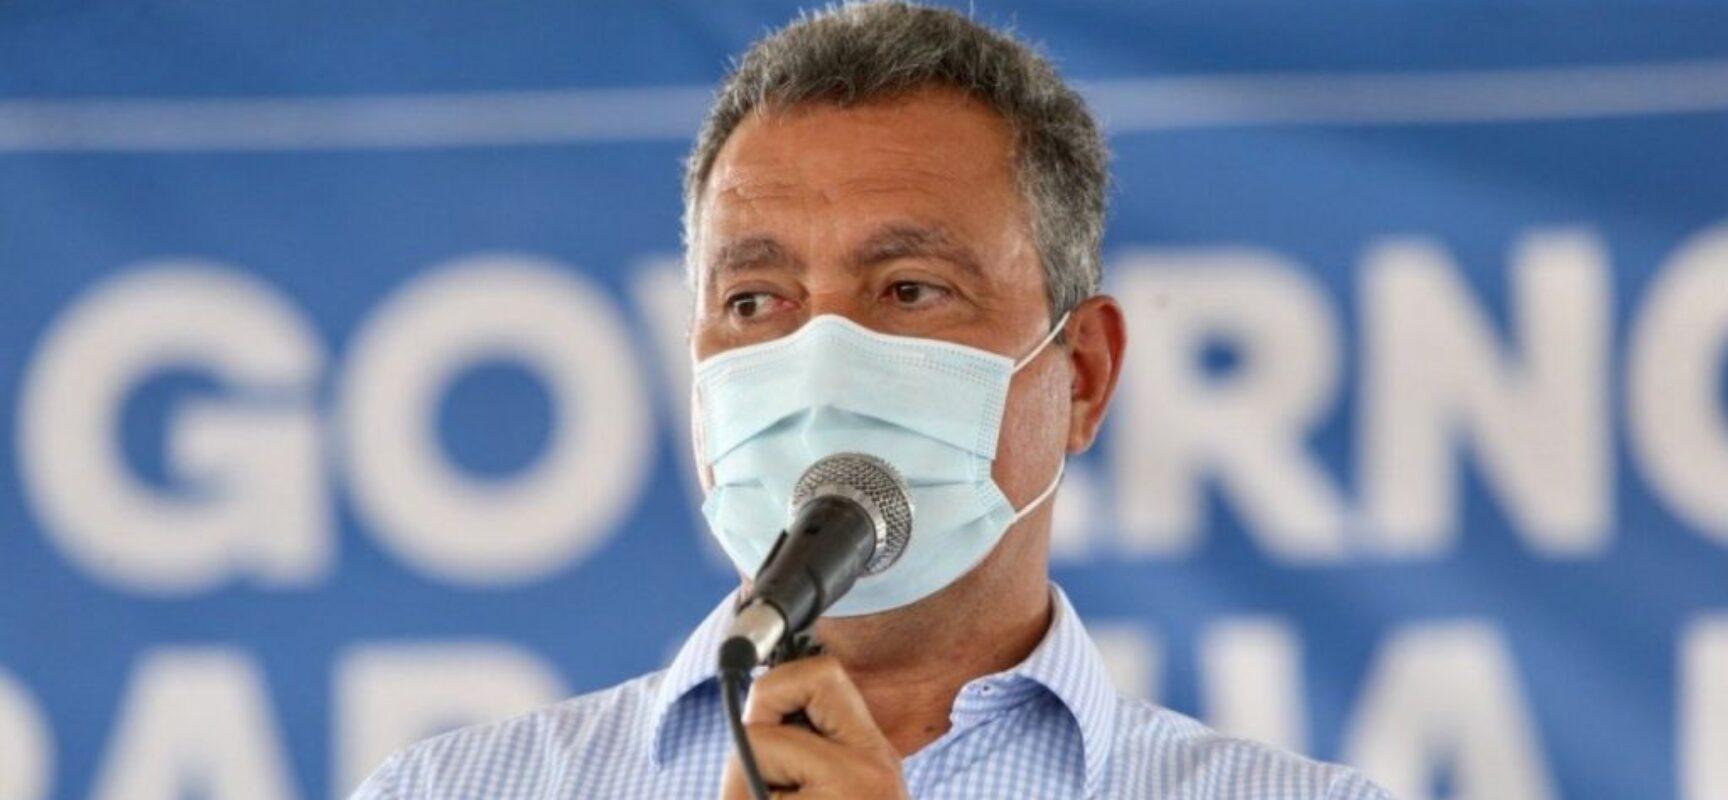 Filiação de Bolsonaro ao PP complica aliança na Bahia, diz Rui Costa